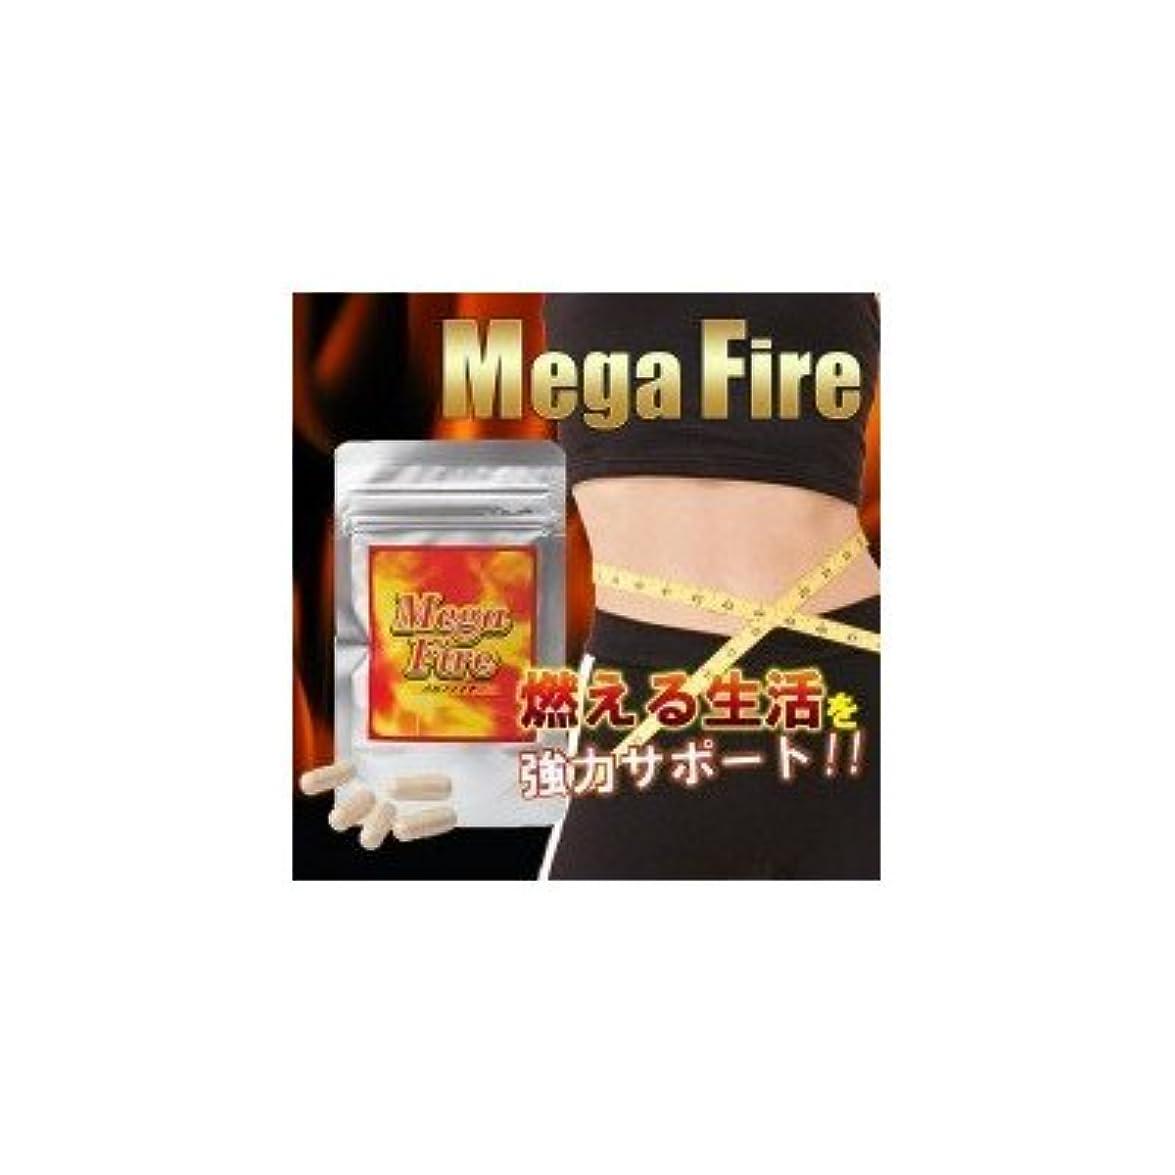 場合正しい鋼Mega-Fire(メガファイア) 13.9g(377mg(1粒内容量300mg)×37カプセル)